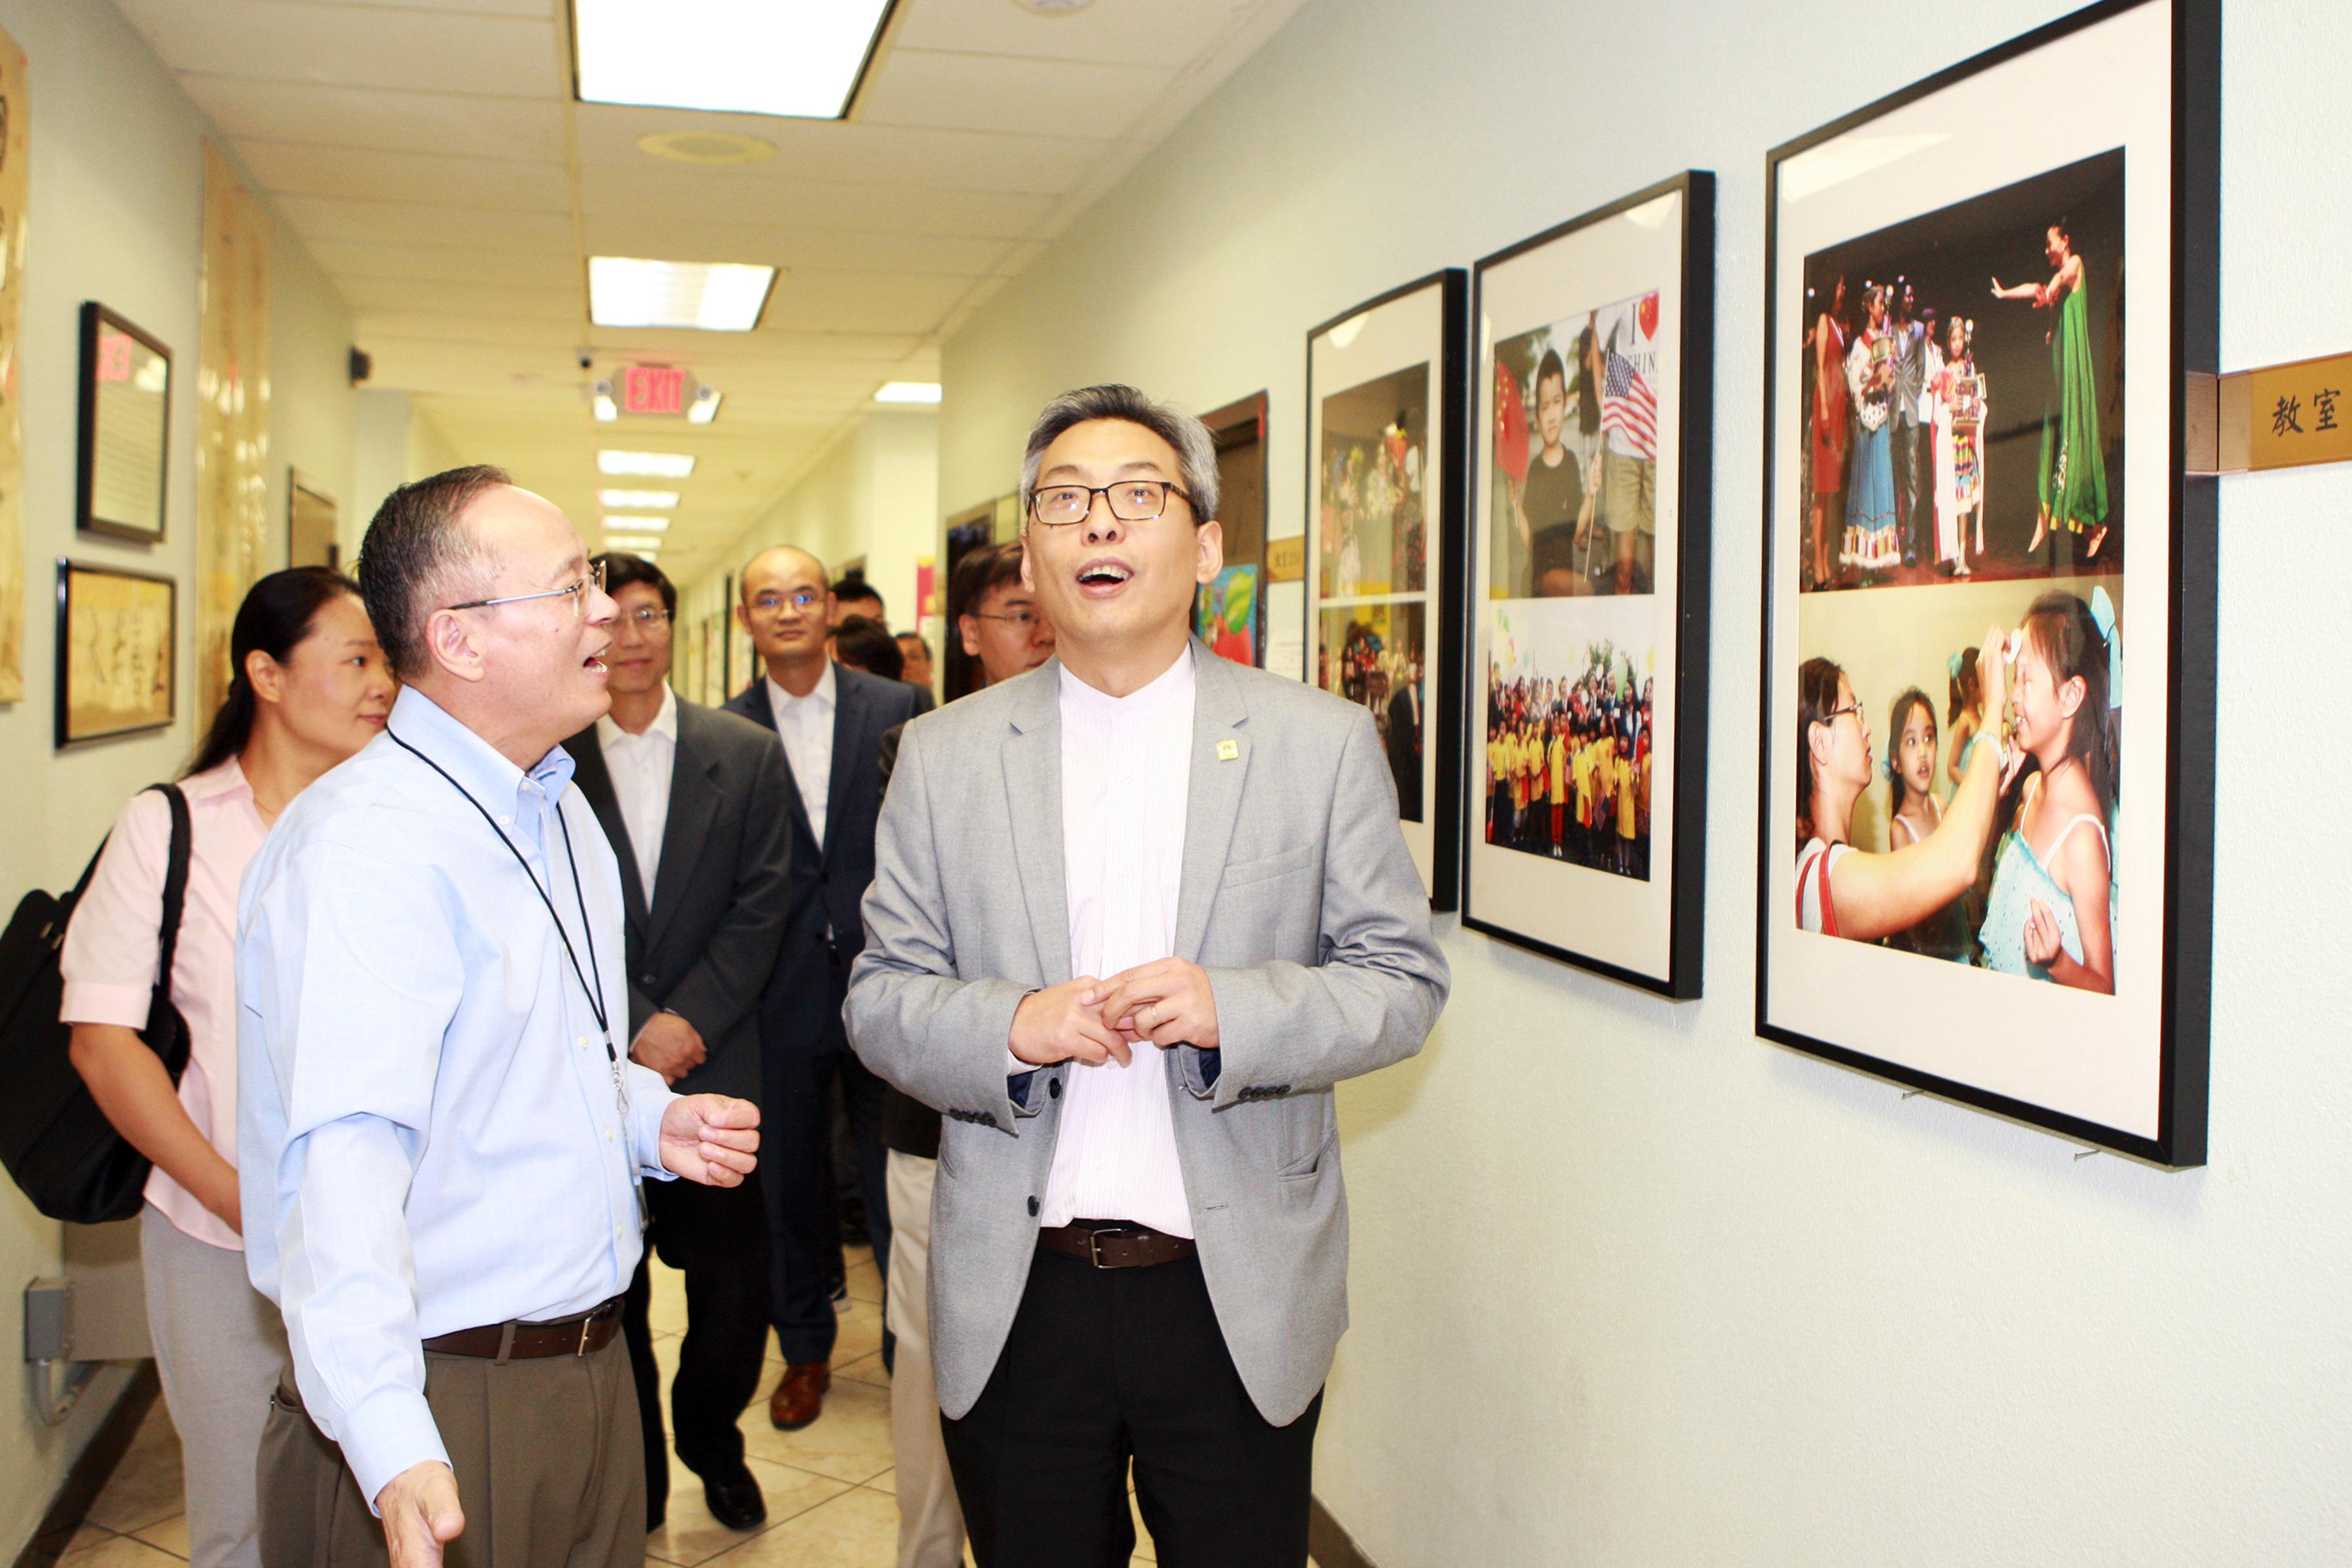 華夏中文學校總校長包華富(左二)、理事長朱莉(左一)陪同蔡偉(右一)參觀校舍。(記者賈忠/攝影)